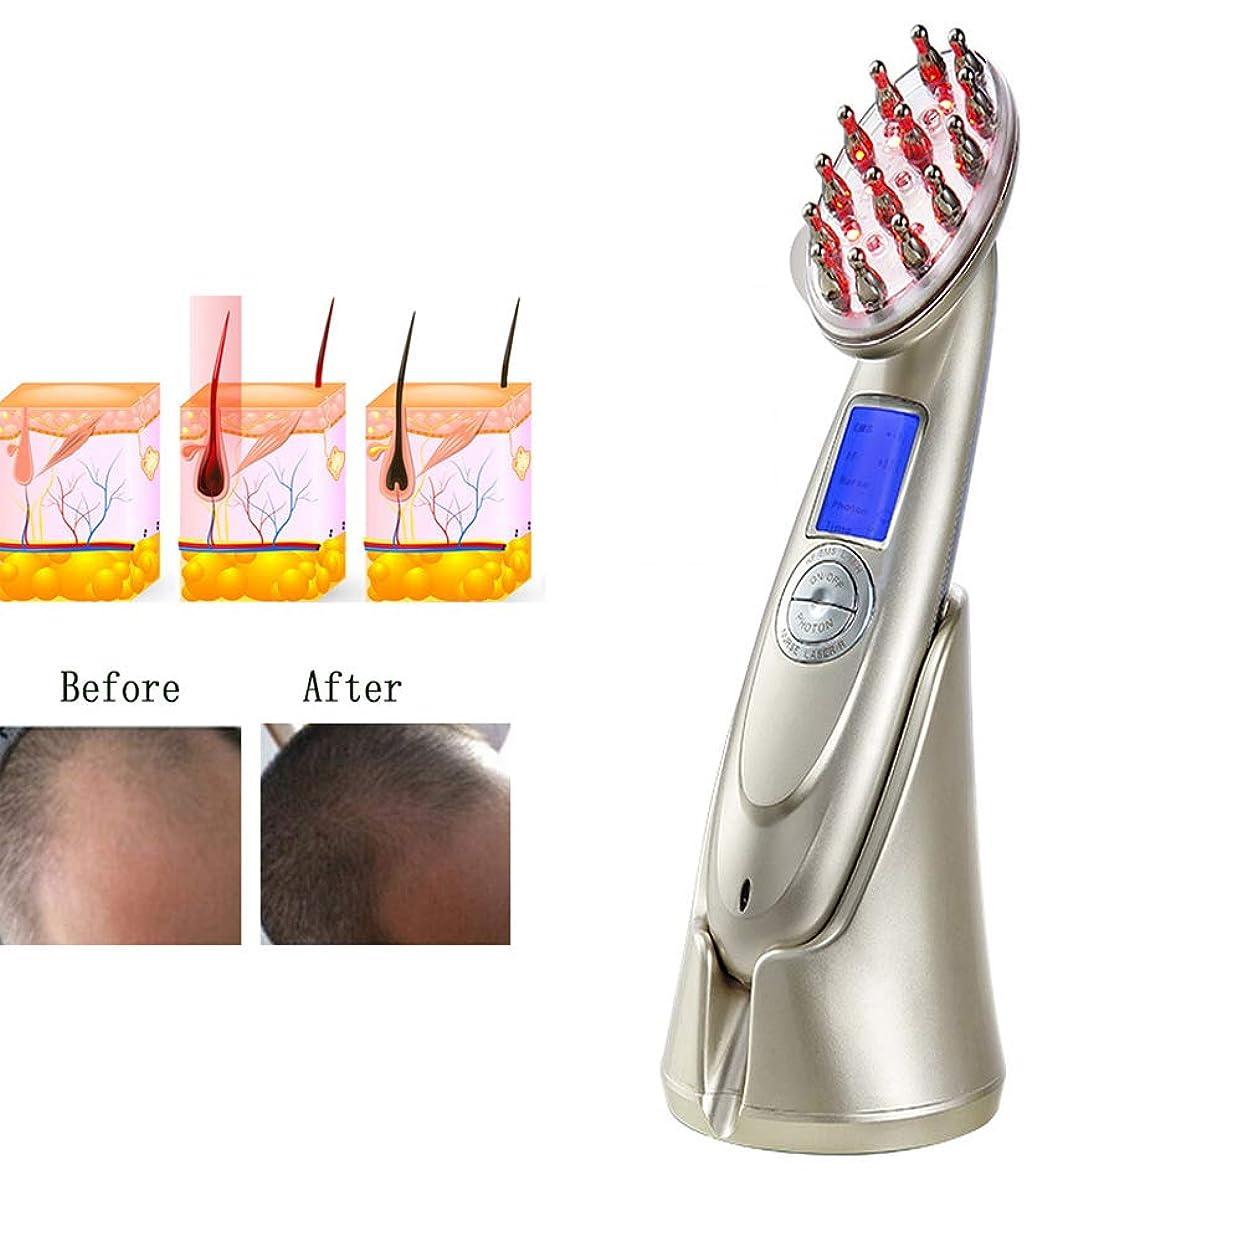 土器アレルギー薬局プロの電気髪の成長レーザー櫛 RF EMS LED 光子光療法ブラシ抗脱毛治療マッサージの健康胚ブラシをアップグレードします。